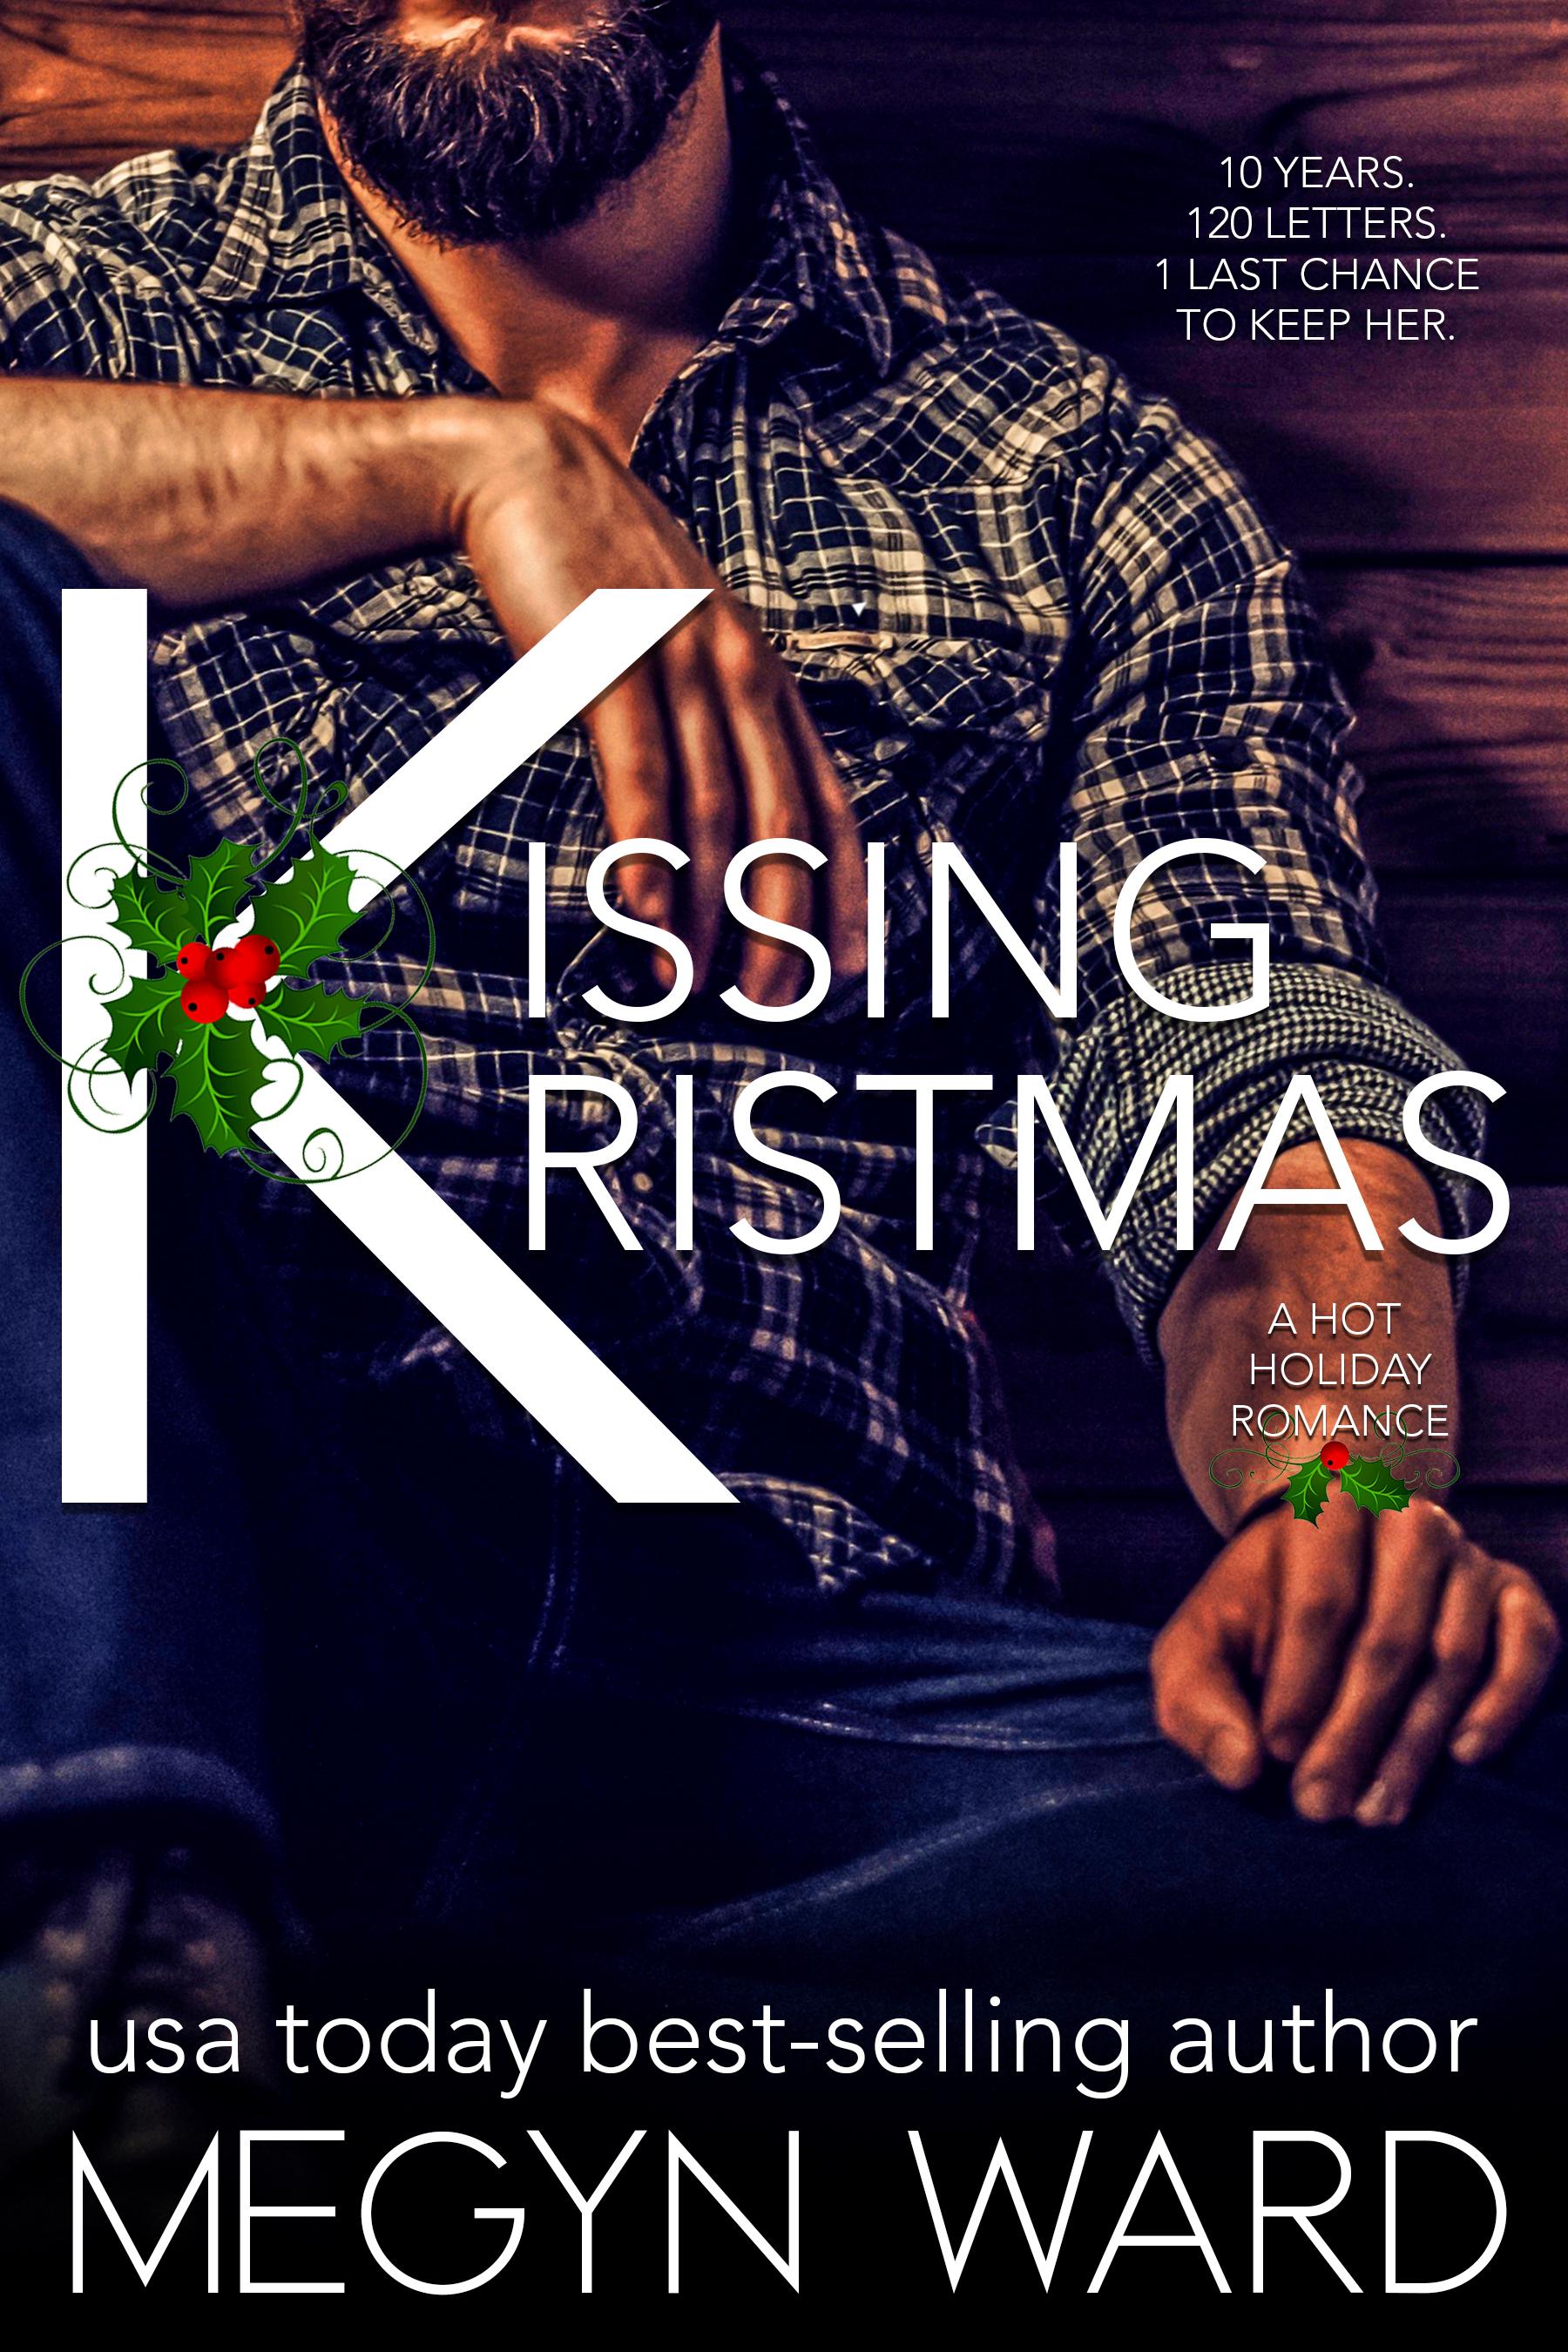 kissing kristmas cover